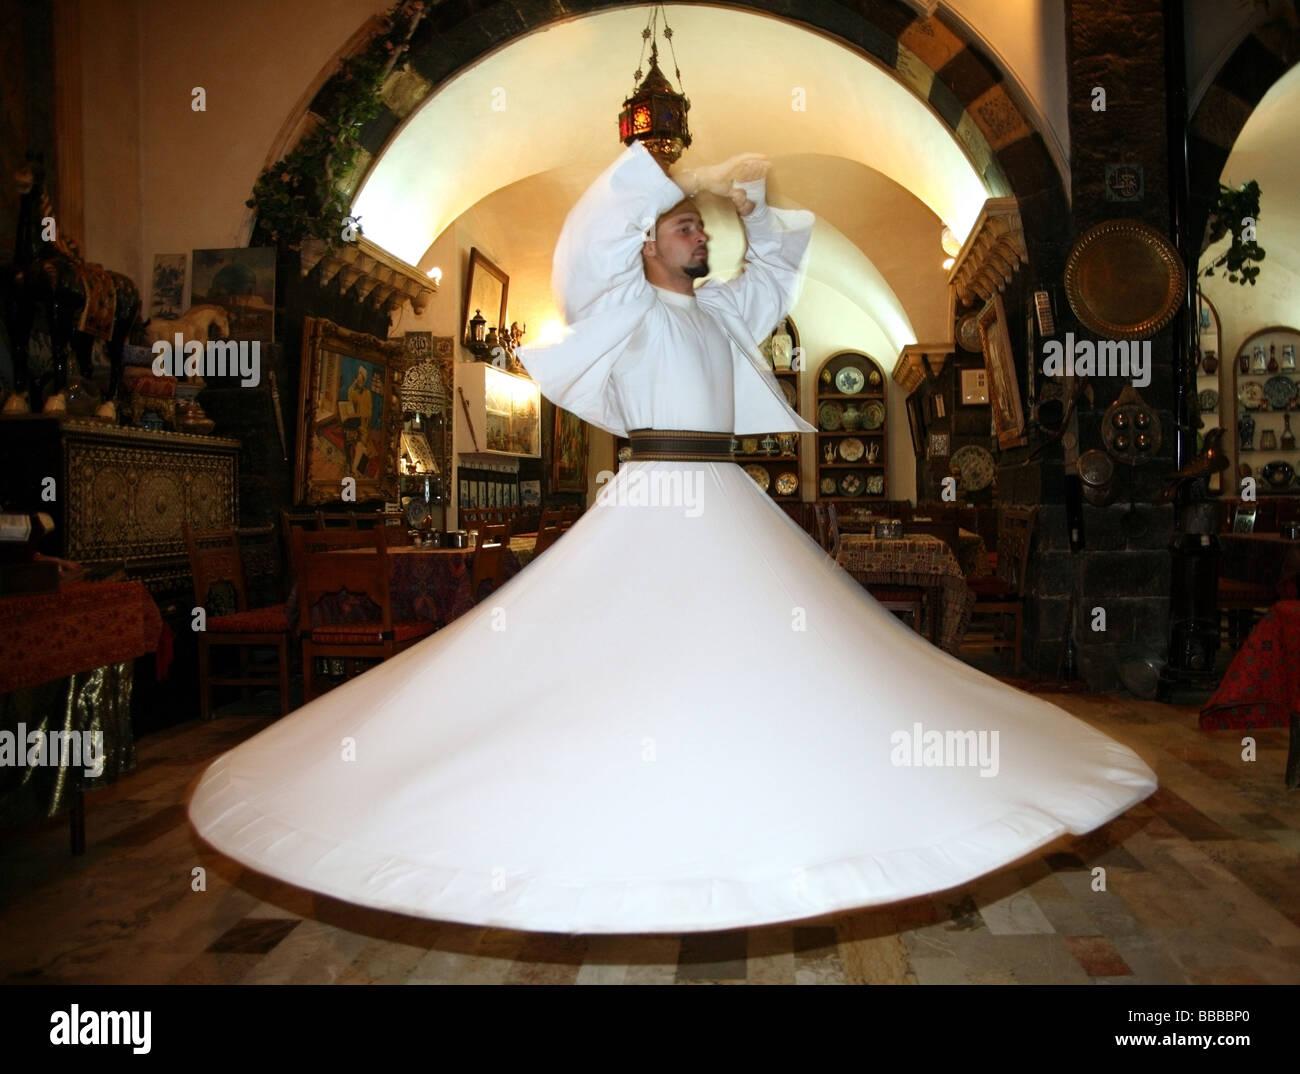 Danseur soufi des derviches tourneurs ou dans un restaurant traditionnel à Damas Banque D'Images